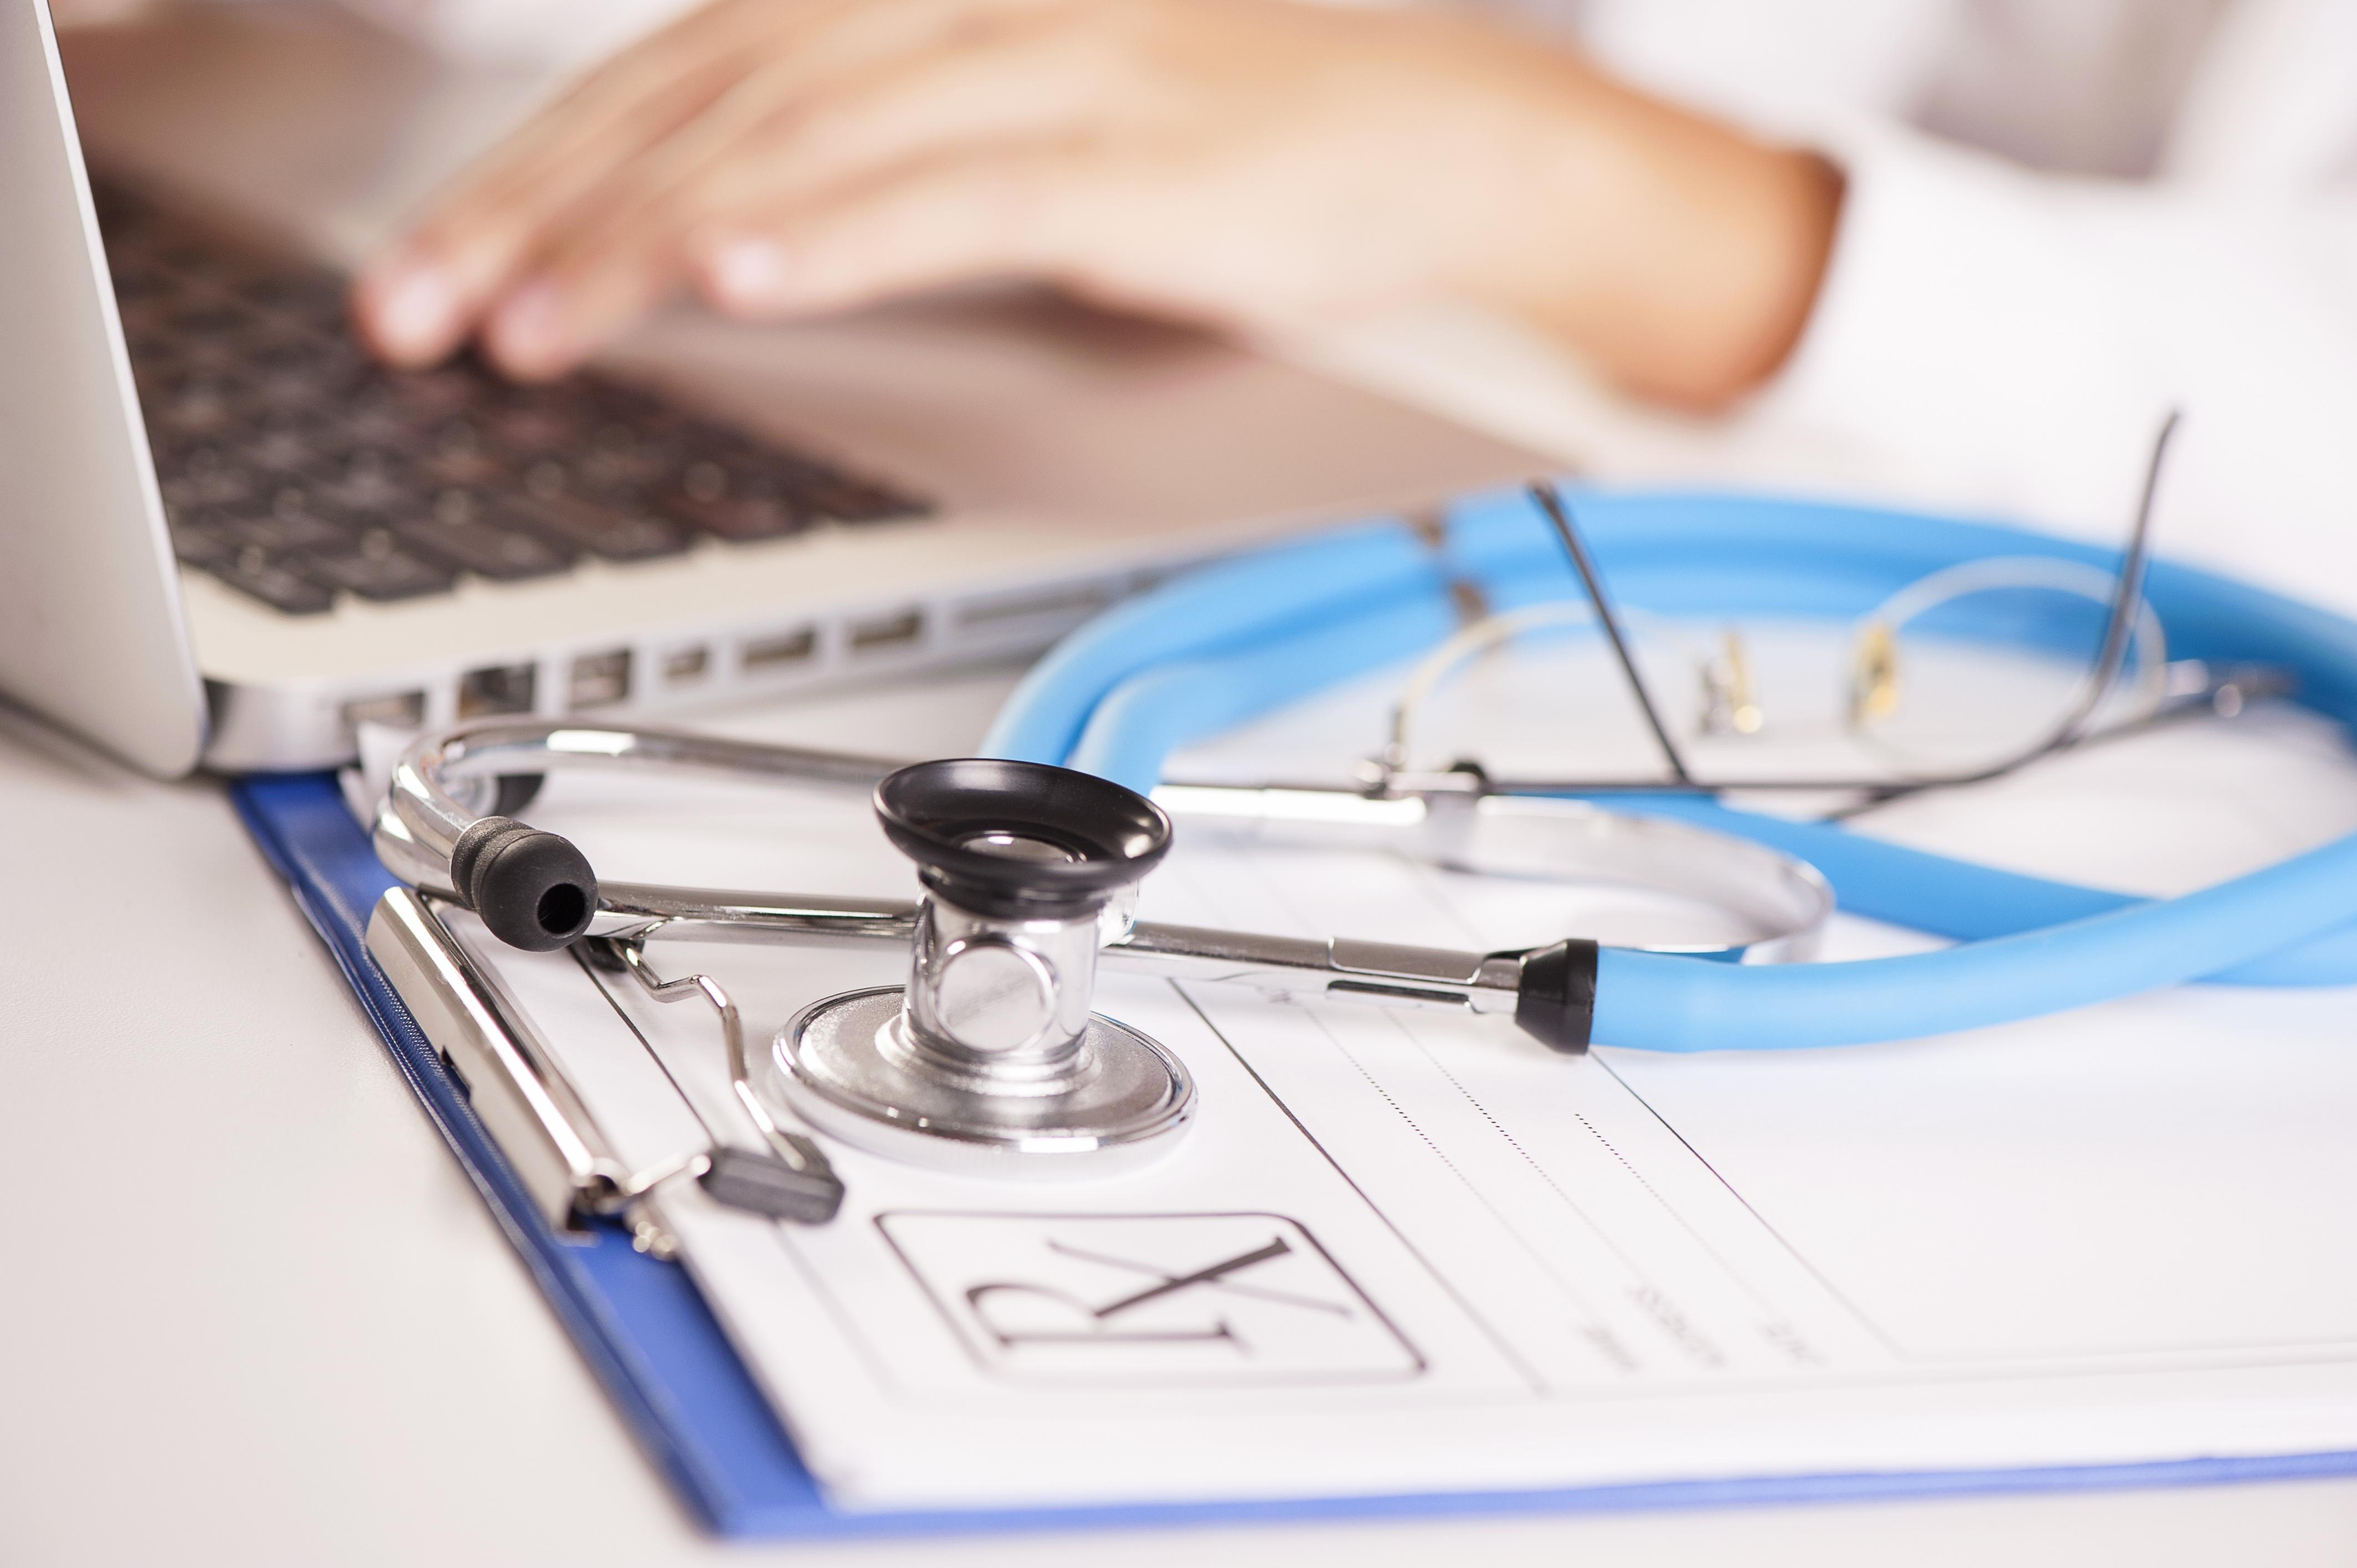 Clinician hands using laptop